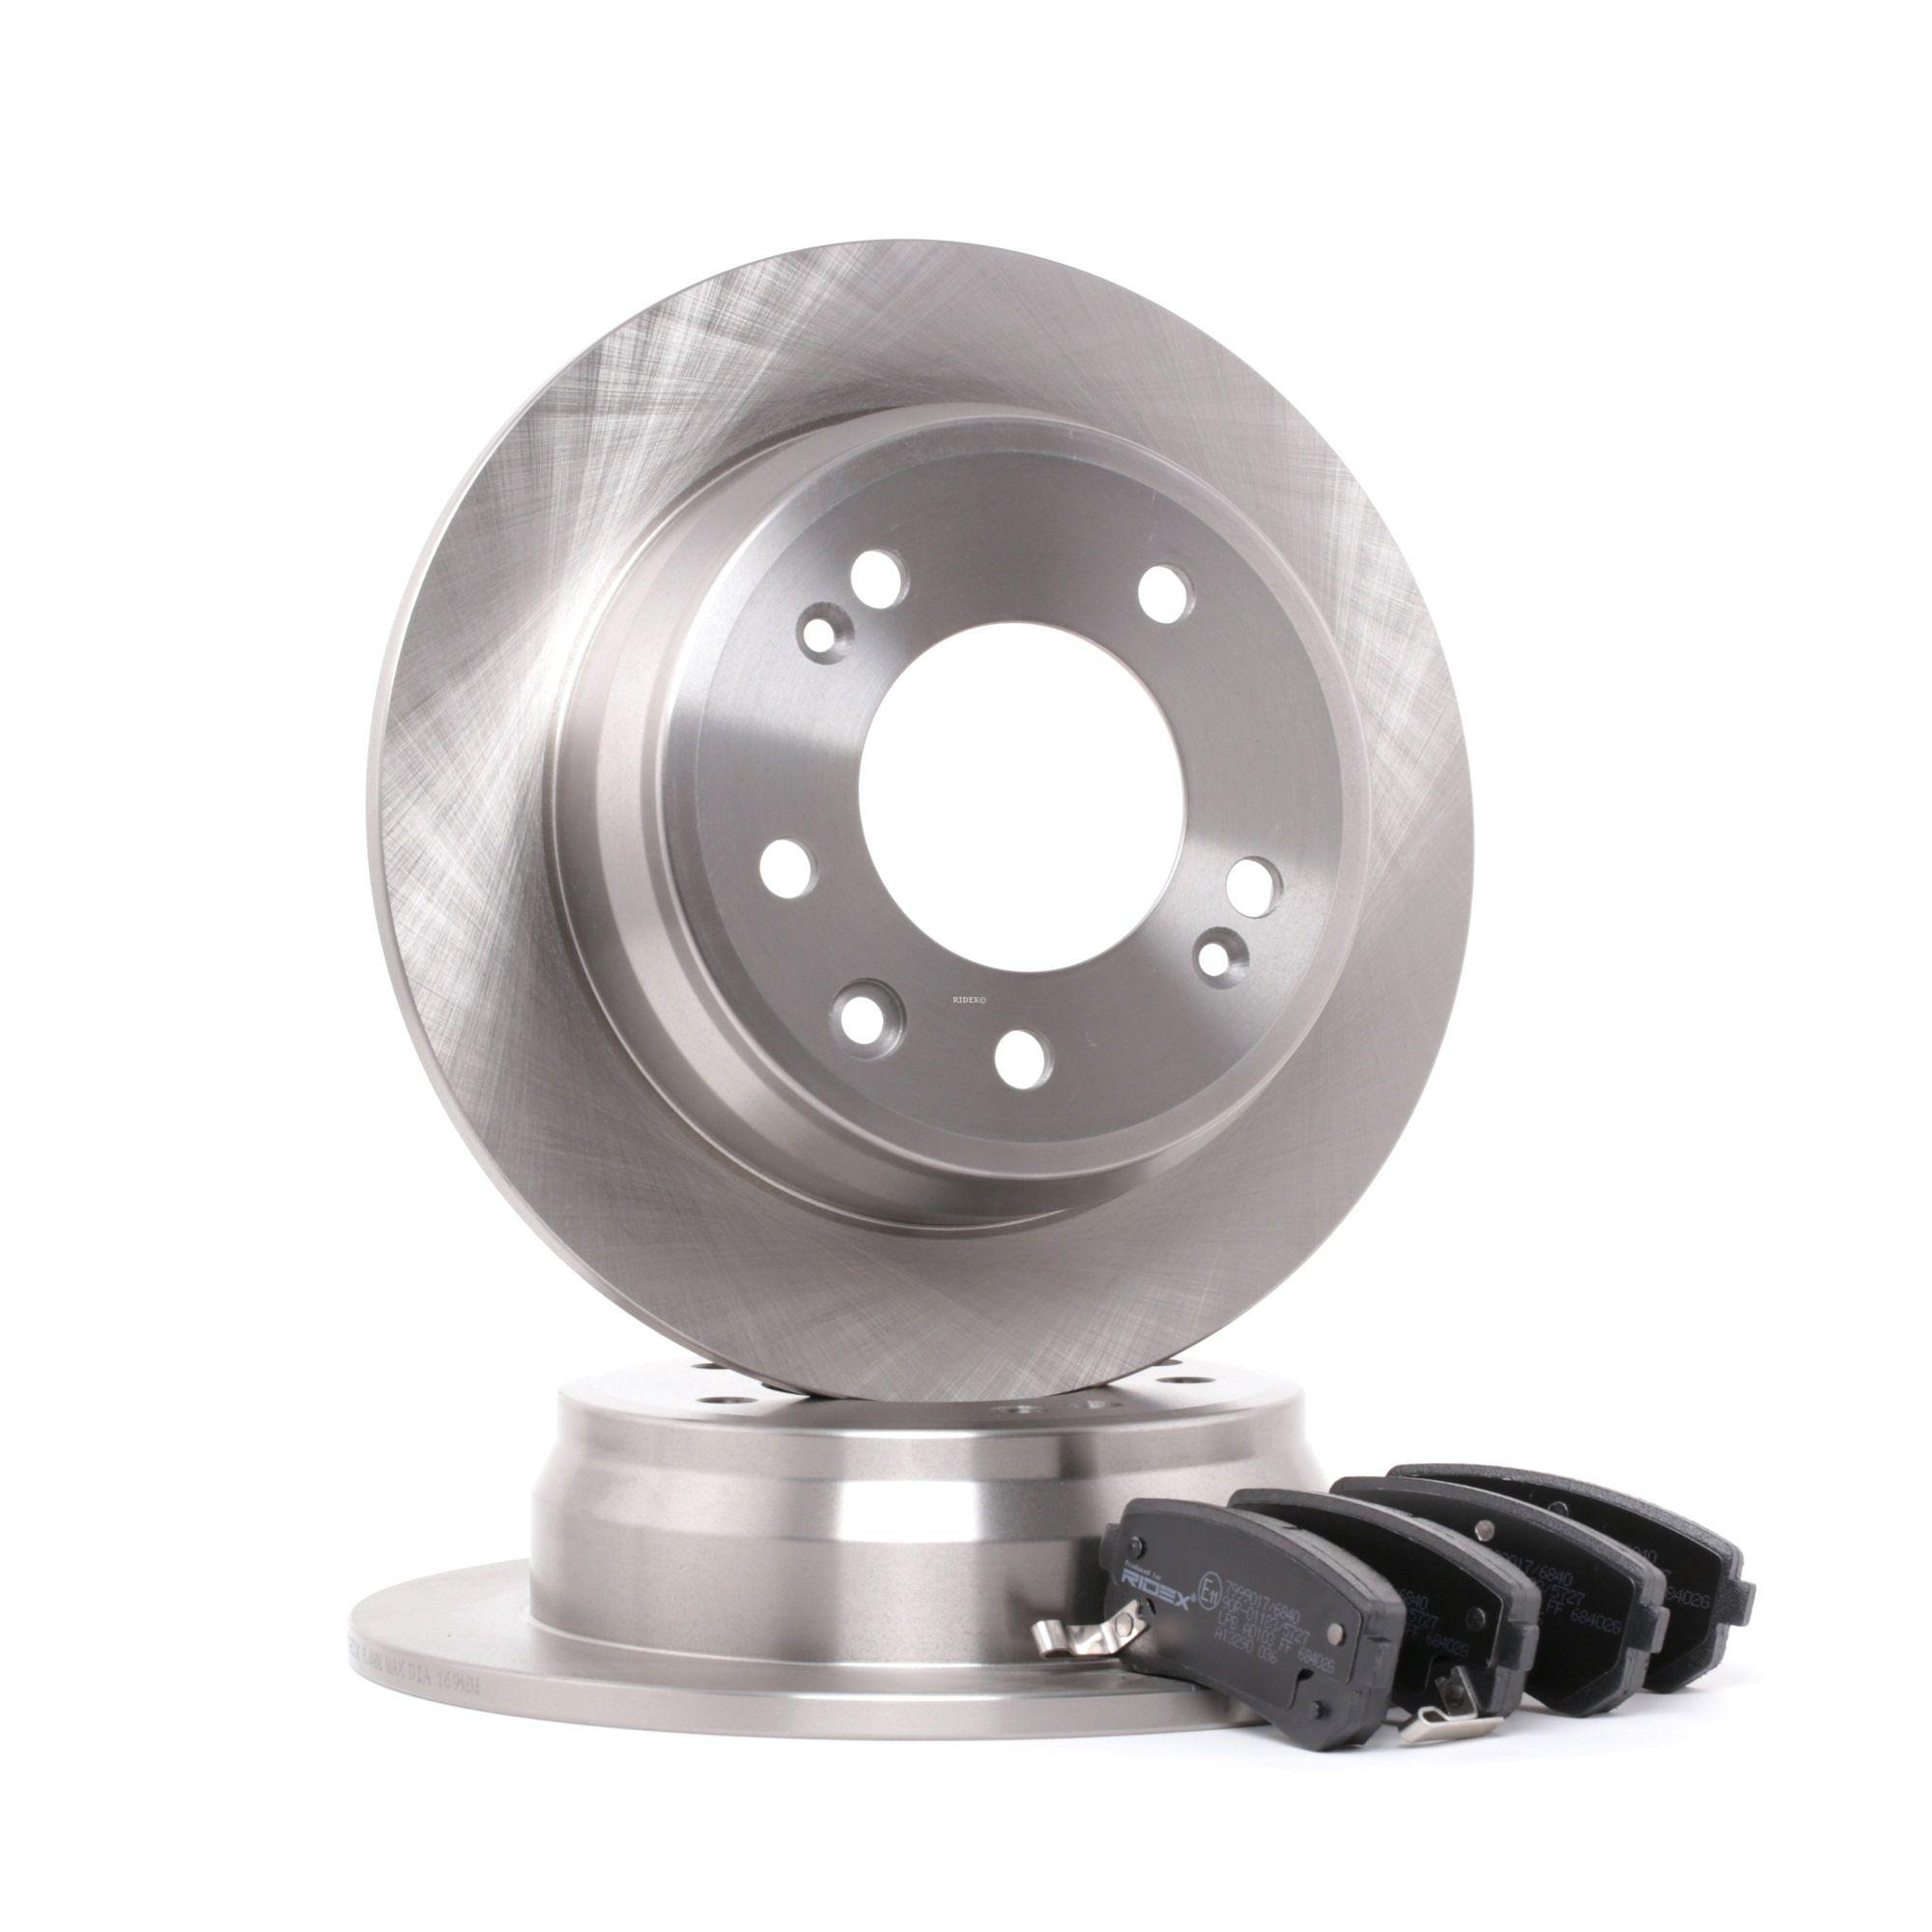 RIDEX: Original Bremsscheiben und Klötze 3405B0066 (Bremsscheibendicke: 10, 15,3mm)